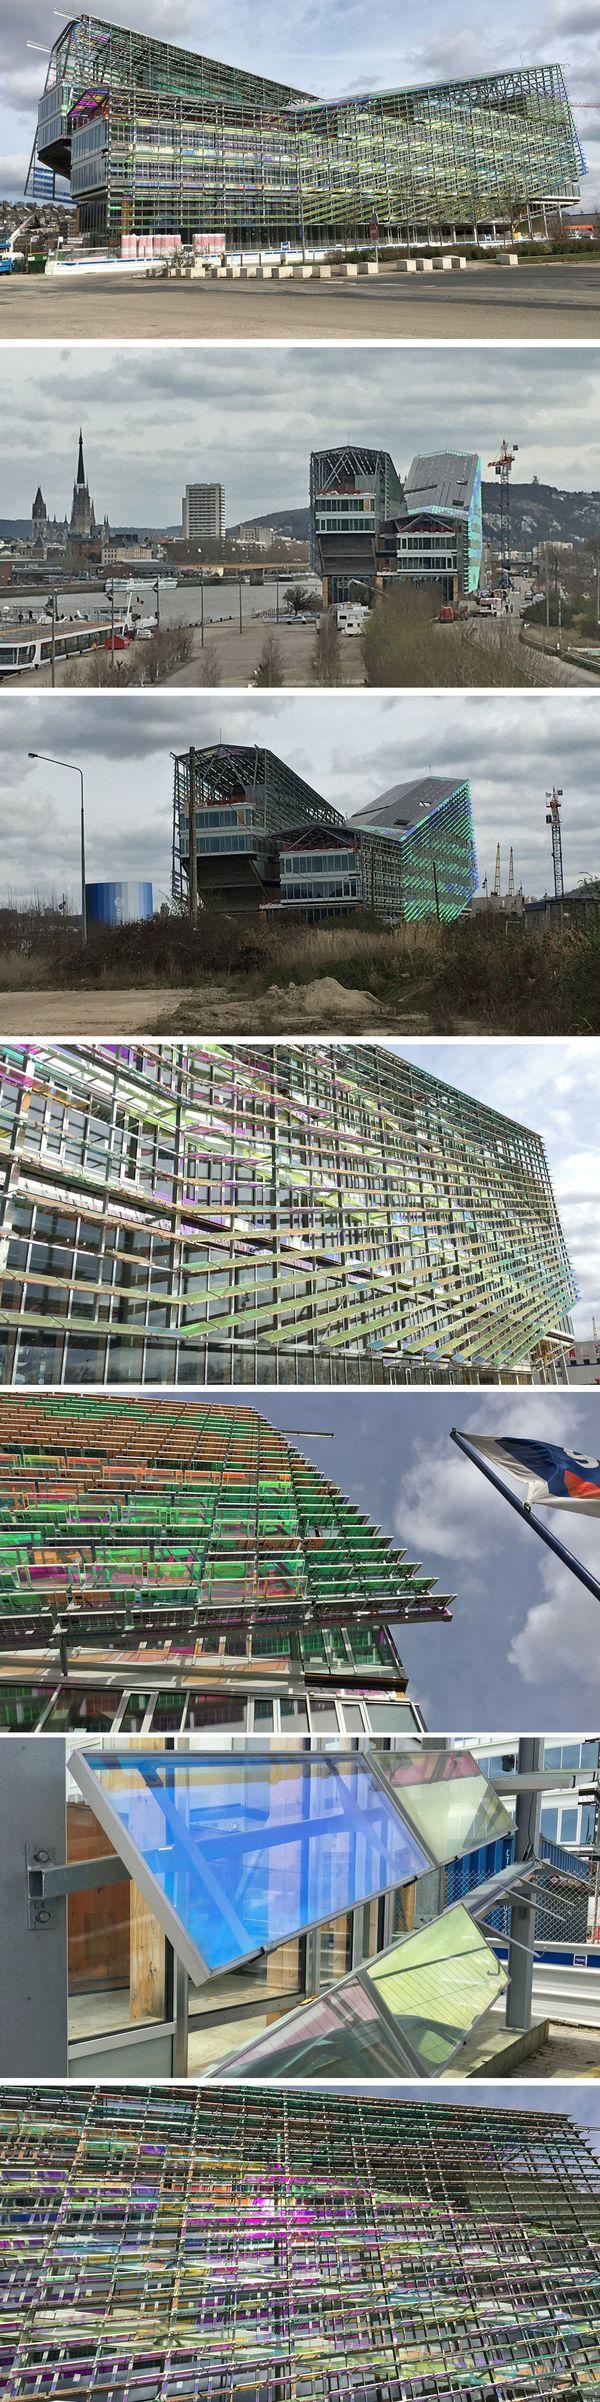 Rouen : le chantier de construction du hangar 108 à la mi-mars 2017 avec le détails des panneaux de couleurs de la façade. Architecte : Jacques FERRIER